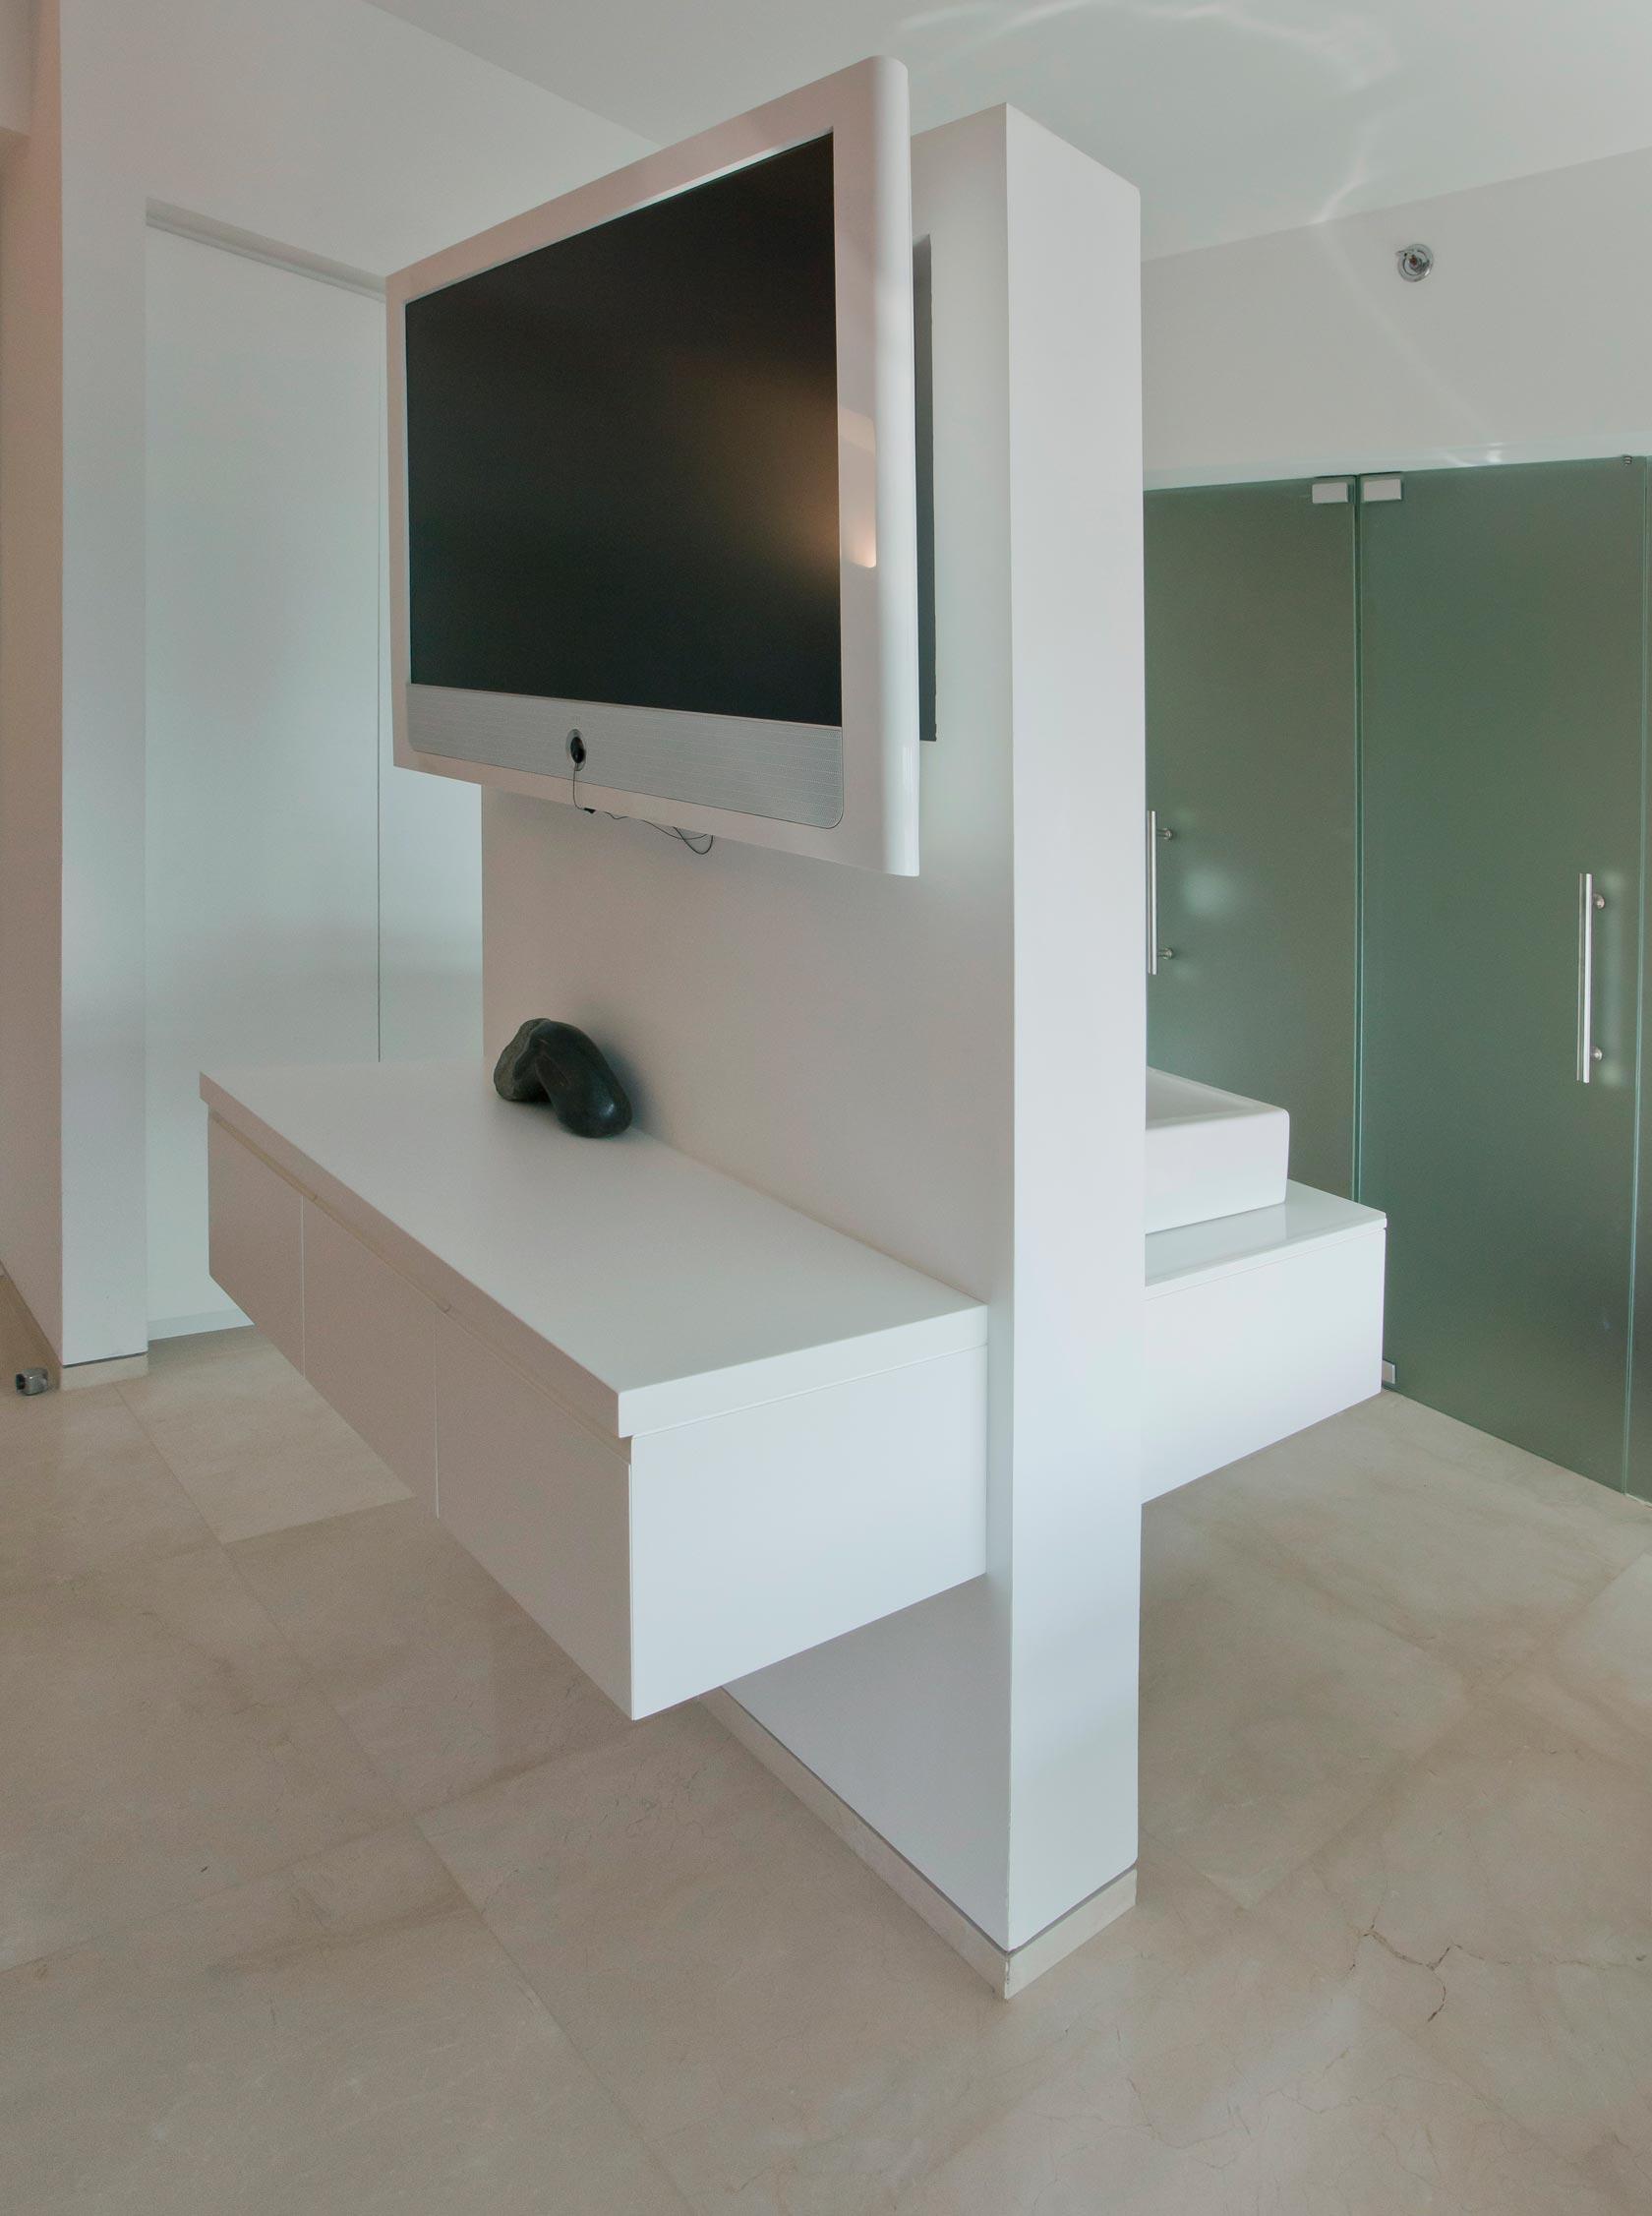 שידת אודיו טלויזיה TV ארון כיור אמבטיה צבע מט אפוקסי מראה תאורה